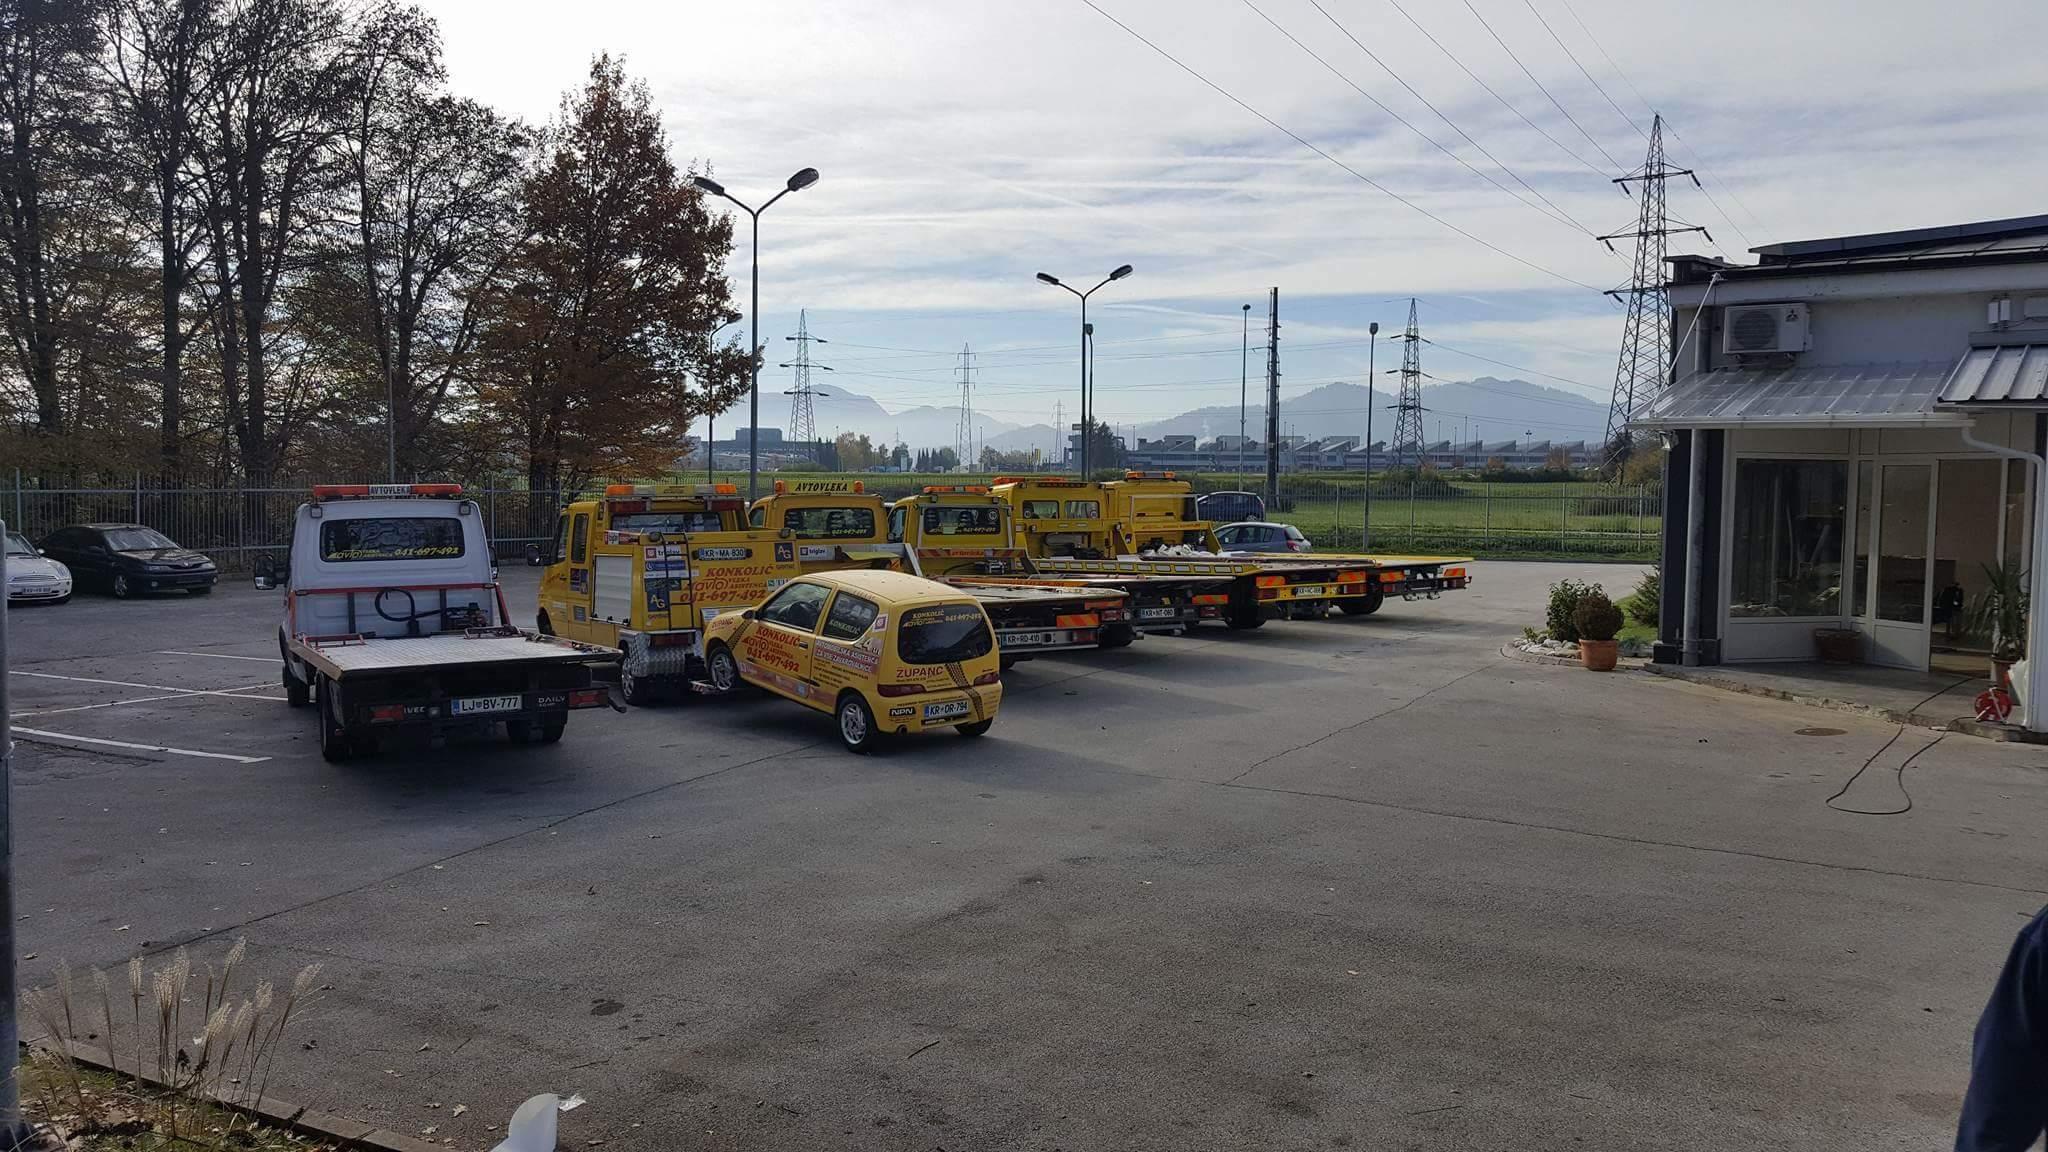 Avtovleka Kranj - Avtoasistenca Konkolič Kranj, Towing Service Kranj, Abschleppdienst Kranj received_10206014331672489